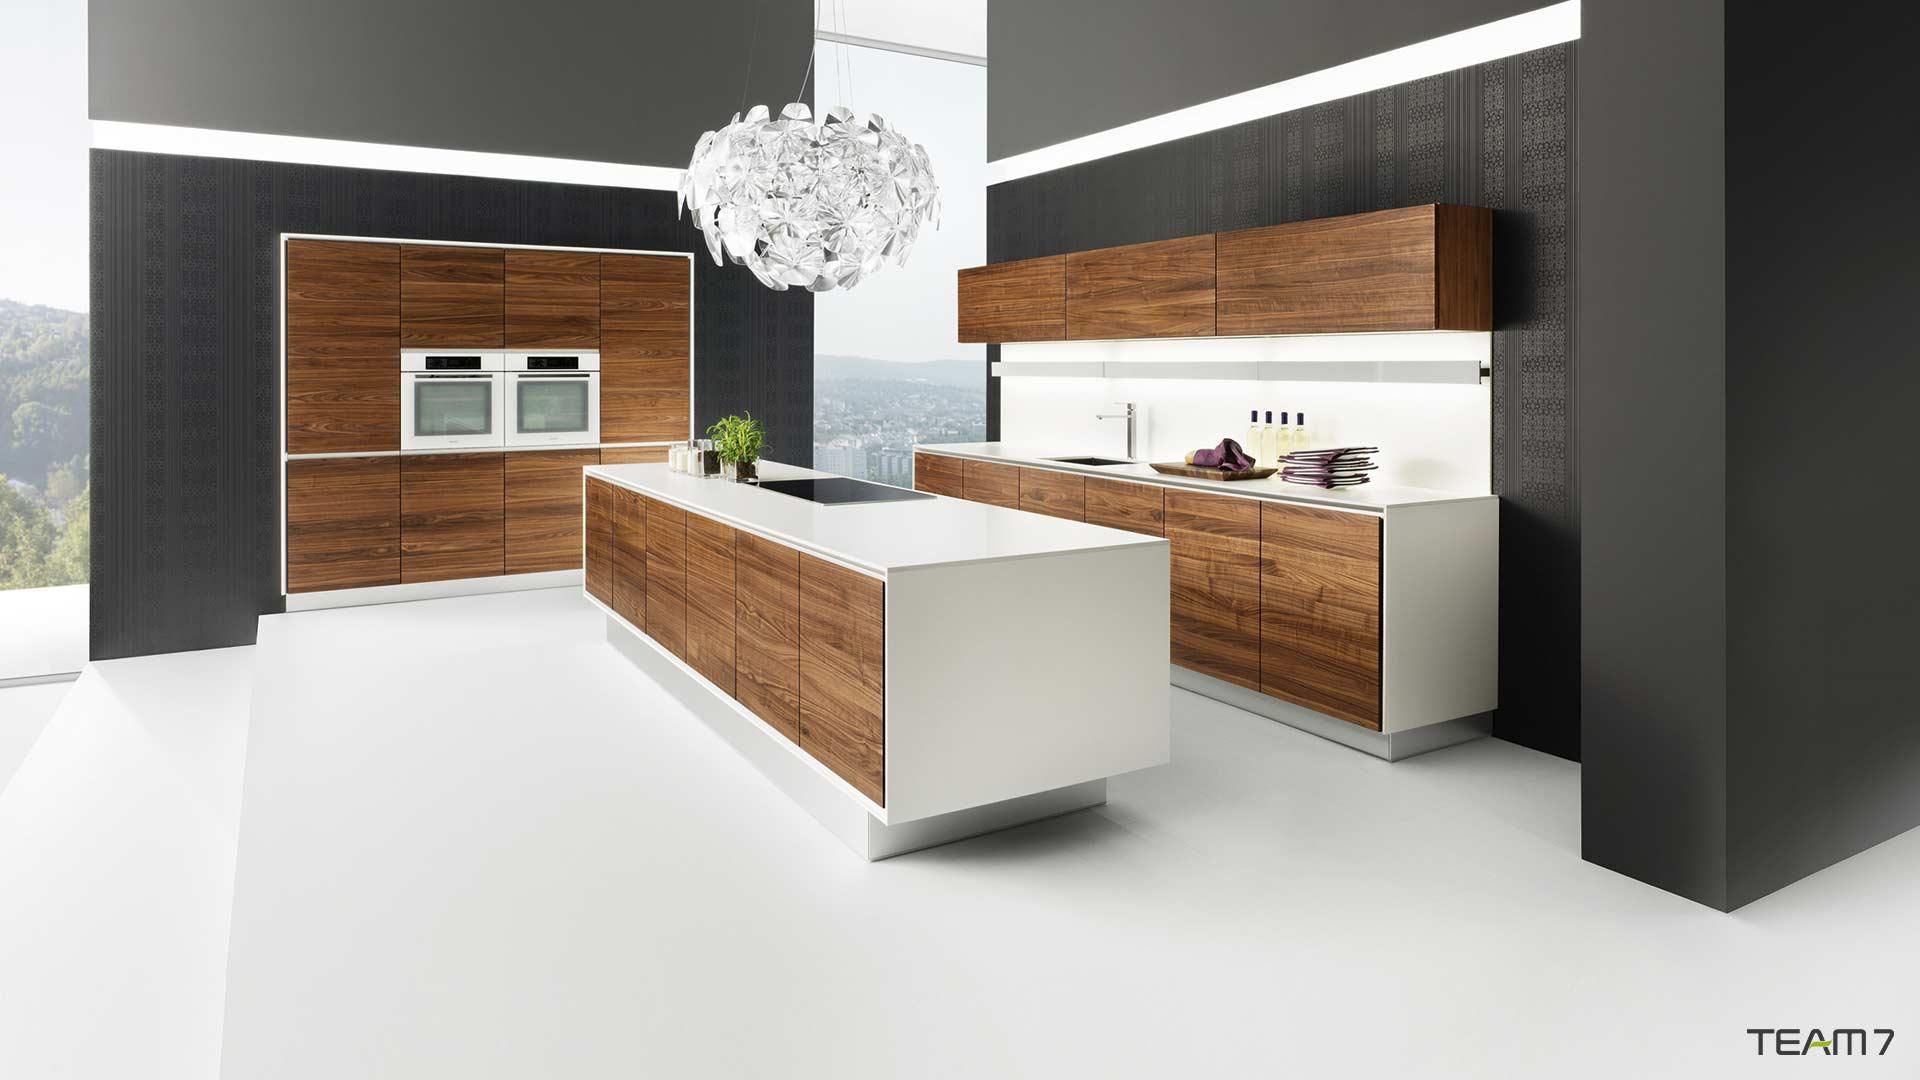 team 7 küchen in neumünster möbel schulz bad segeberg kiel